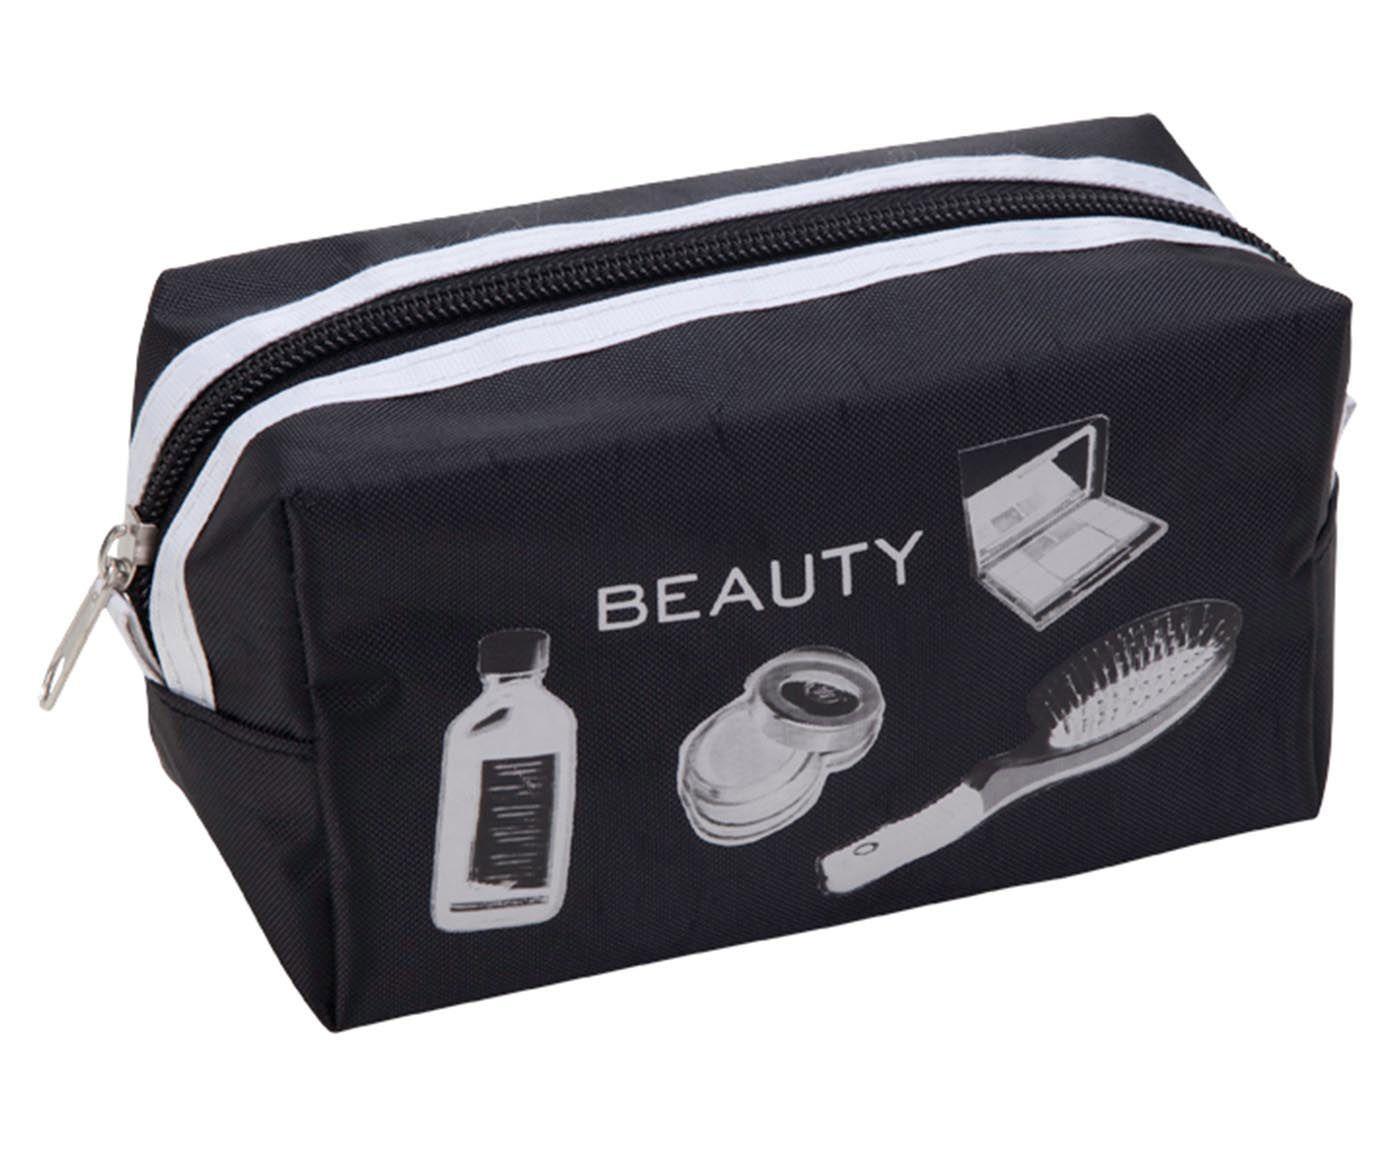 Nécessaire Beauty Daily - 15x9cm | Westwing.com.br